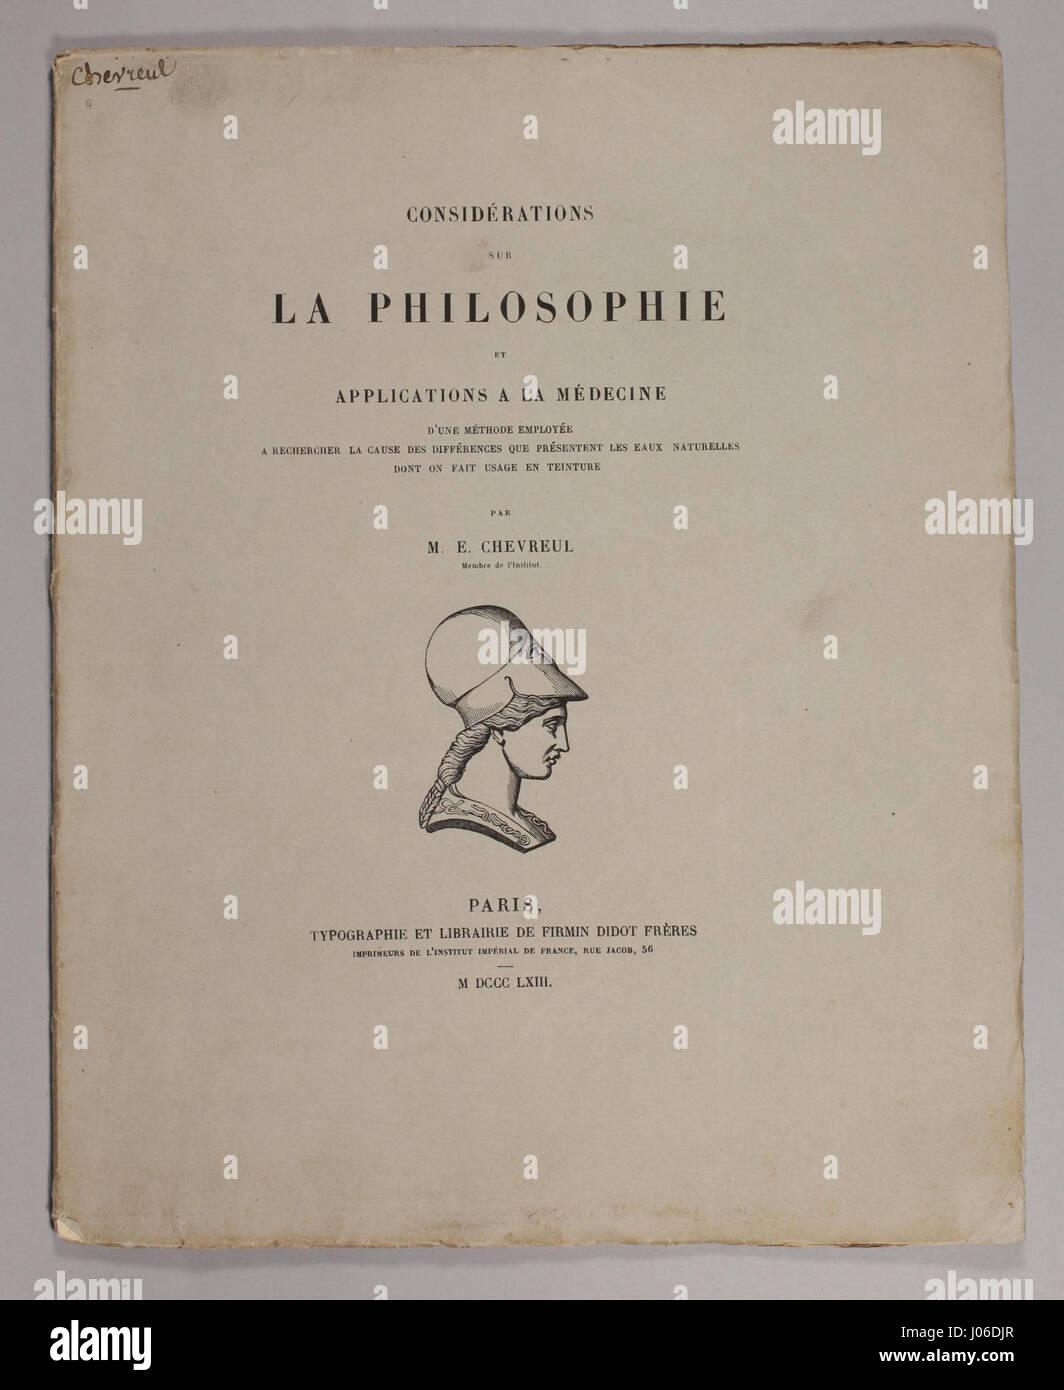 Michel Eugène Chevreul 1863 Considerations sur la philosophie Stock Photo